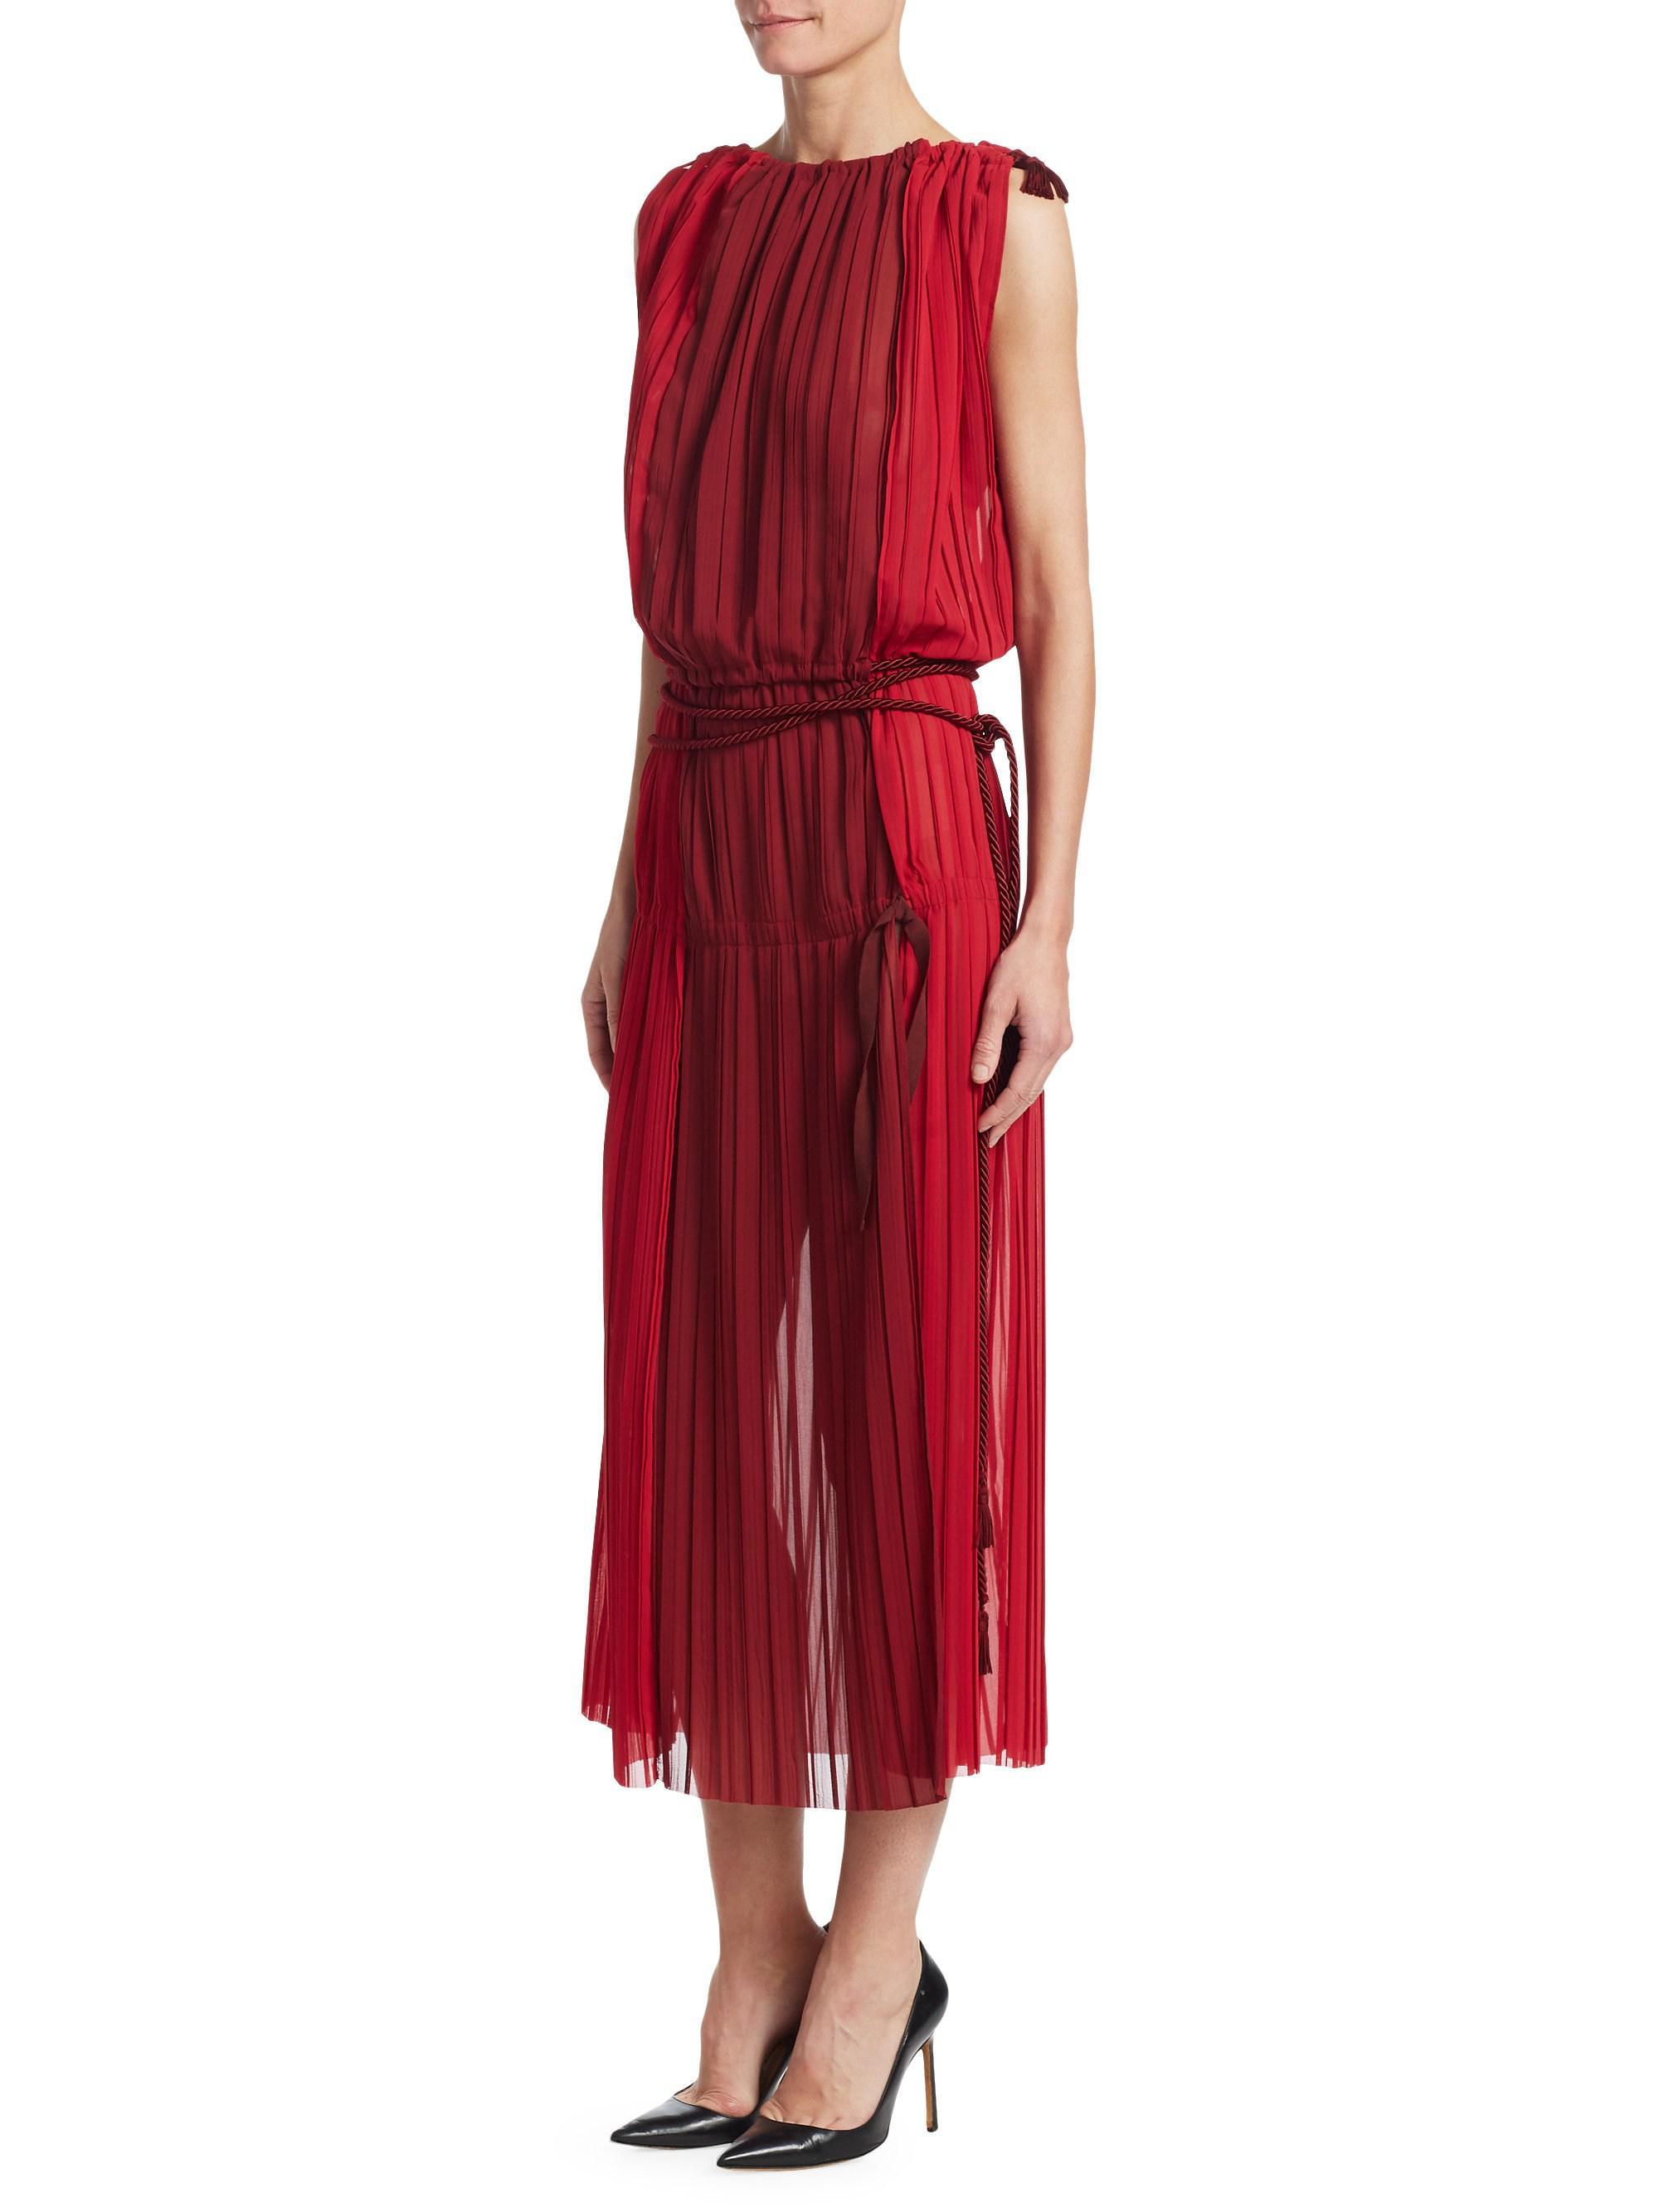 red belted Chiffon maxi Dress